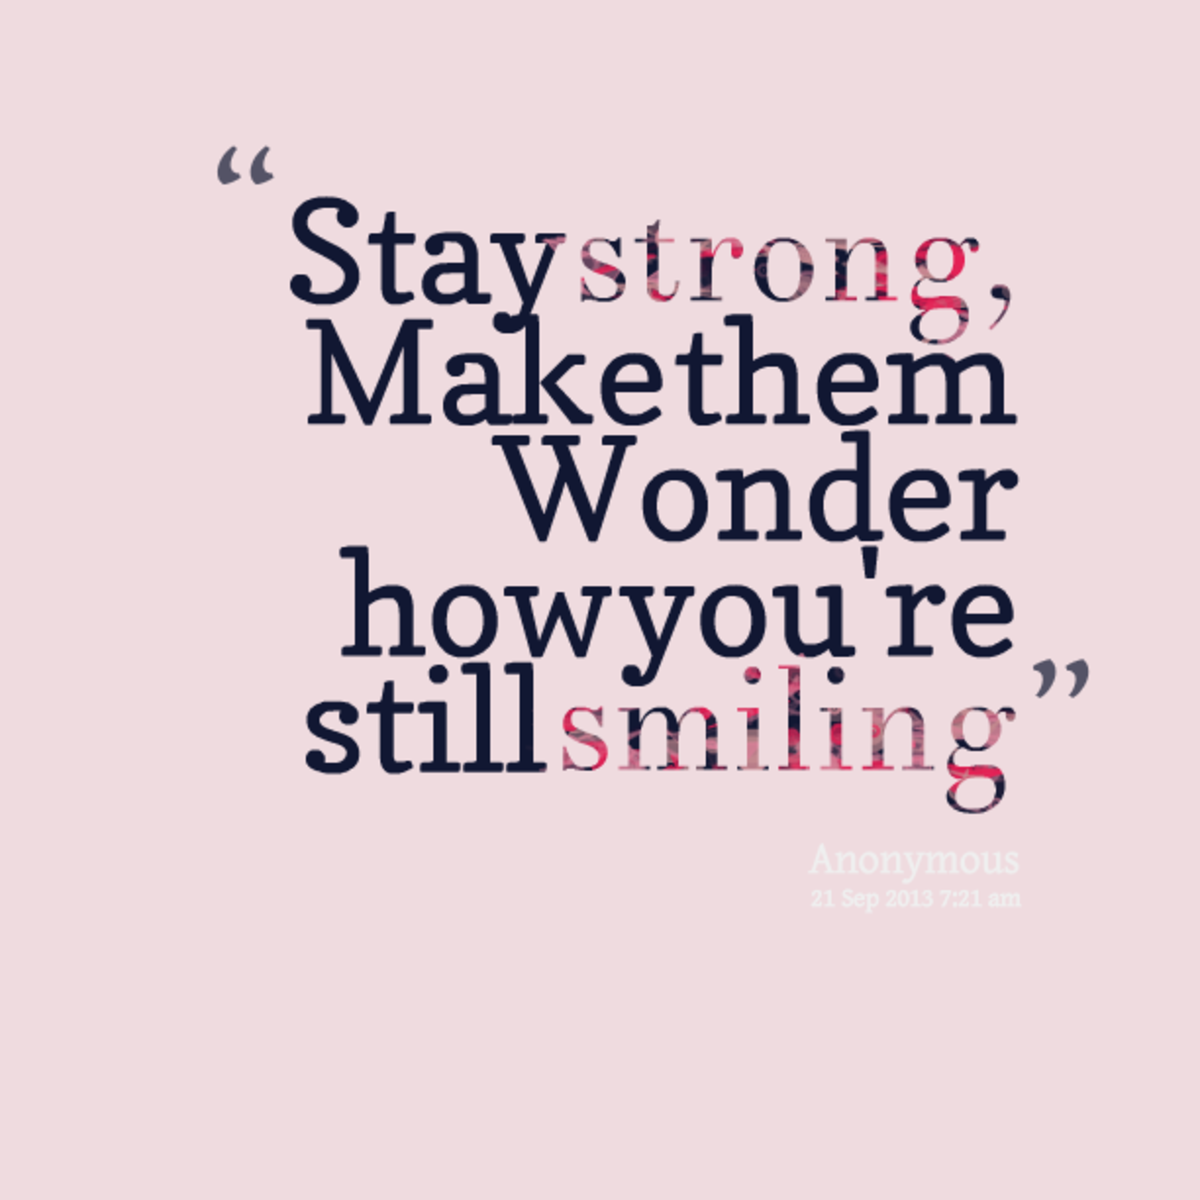 Still Strong!